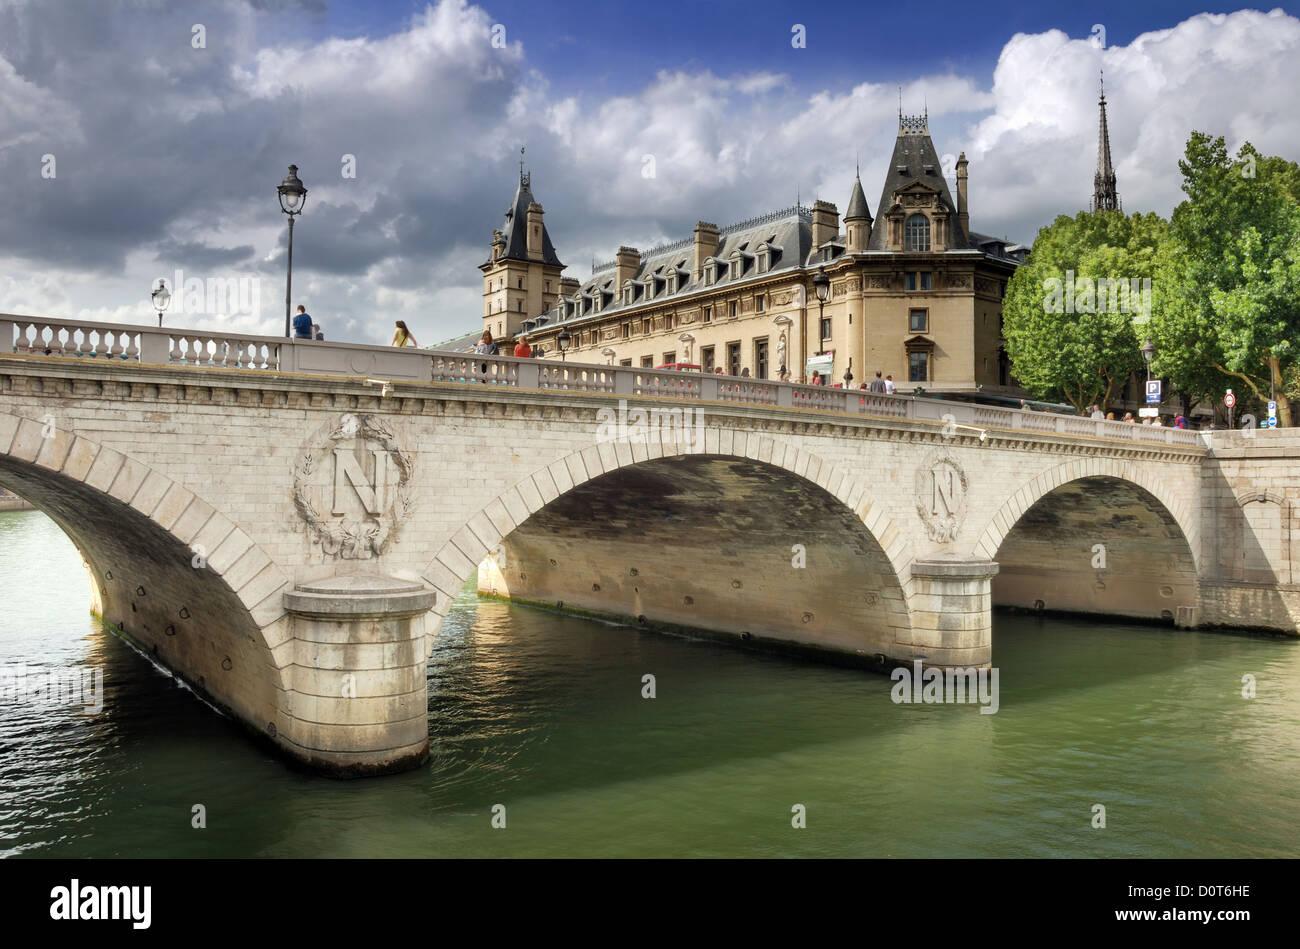 The bridge Pont au Change over river Seine in Paris, France. - Stock Image